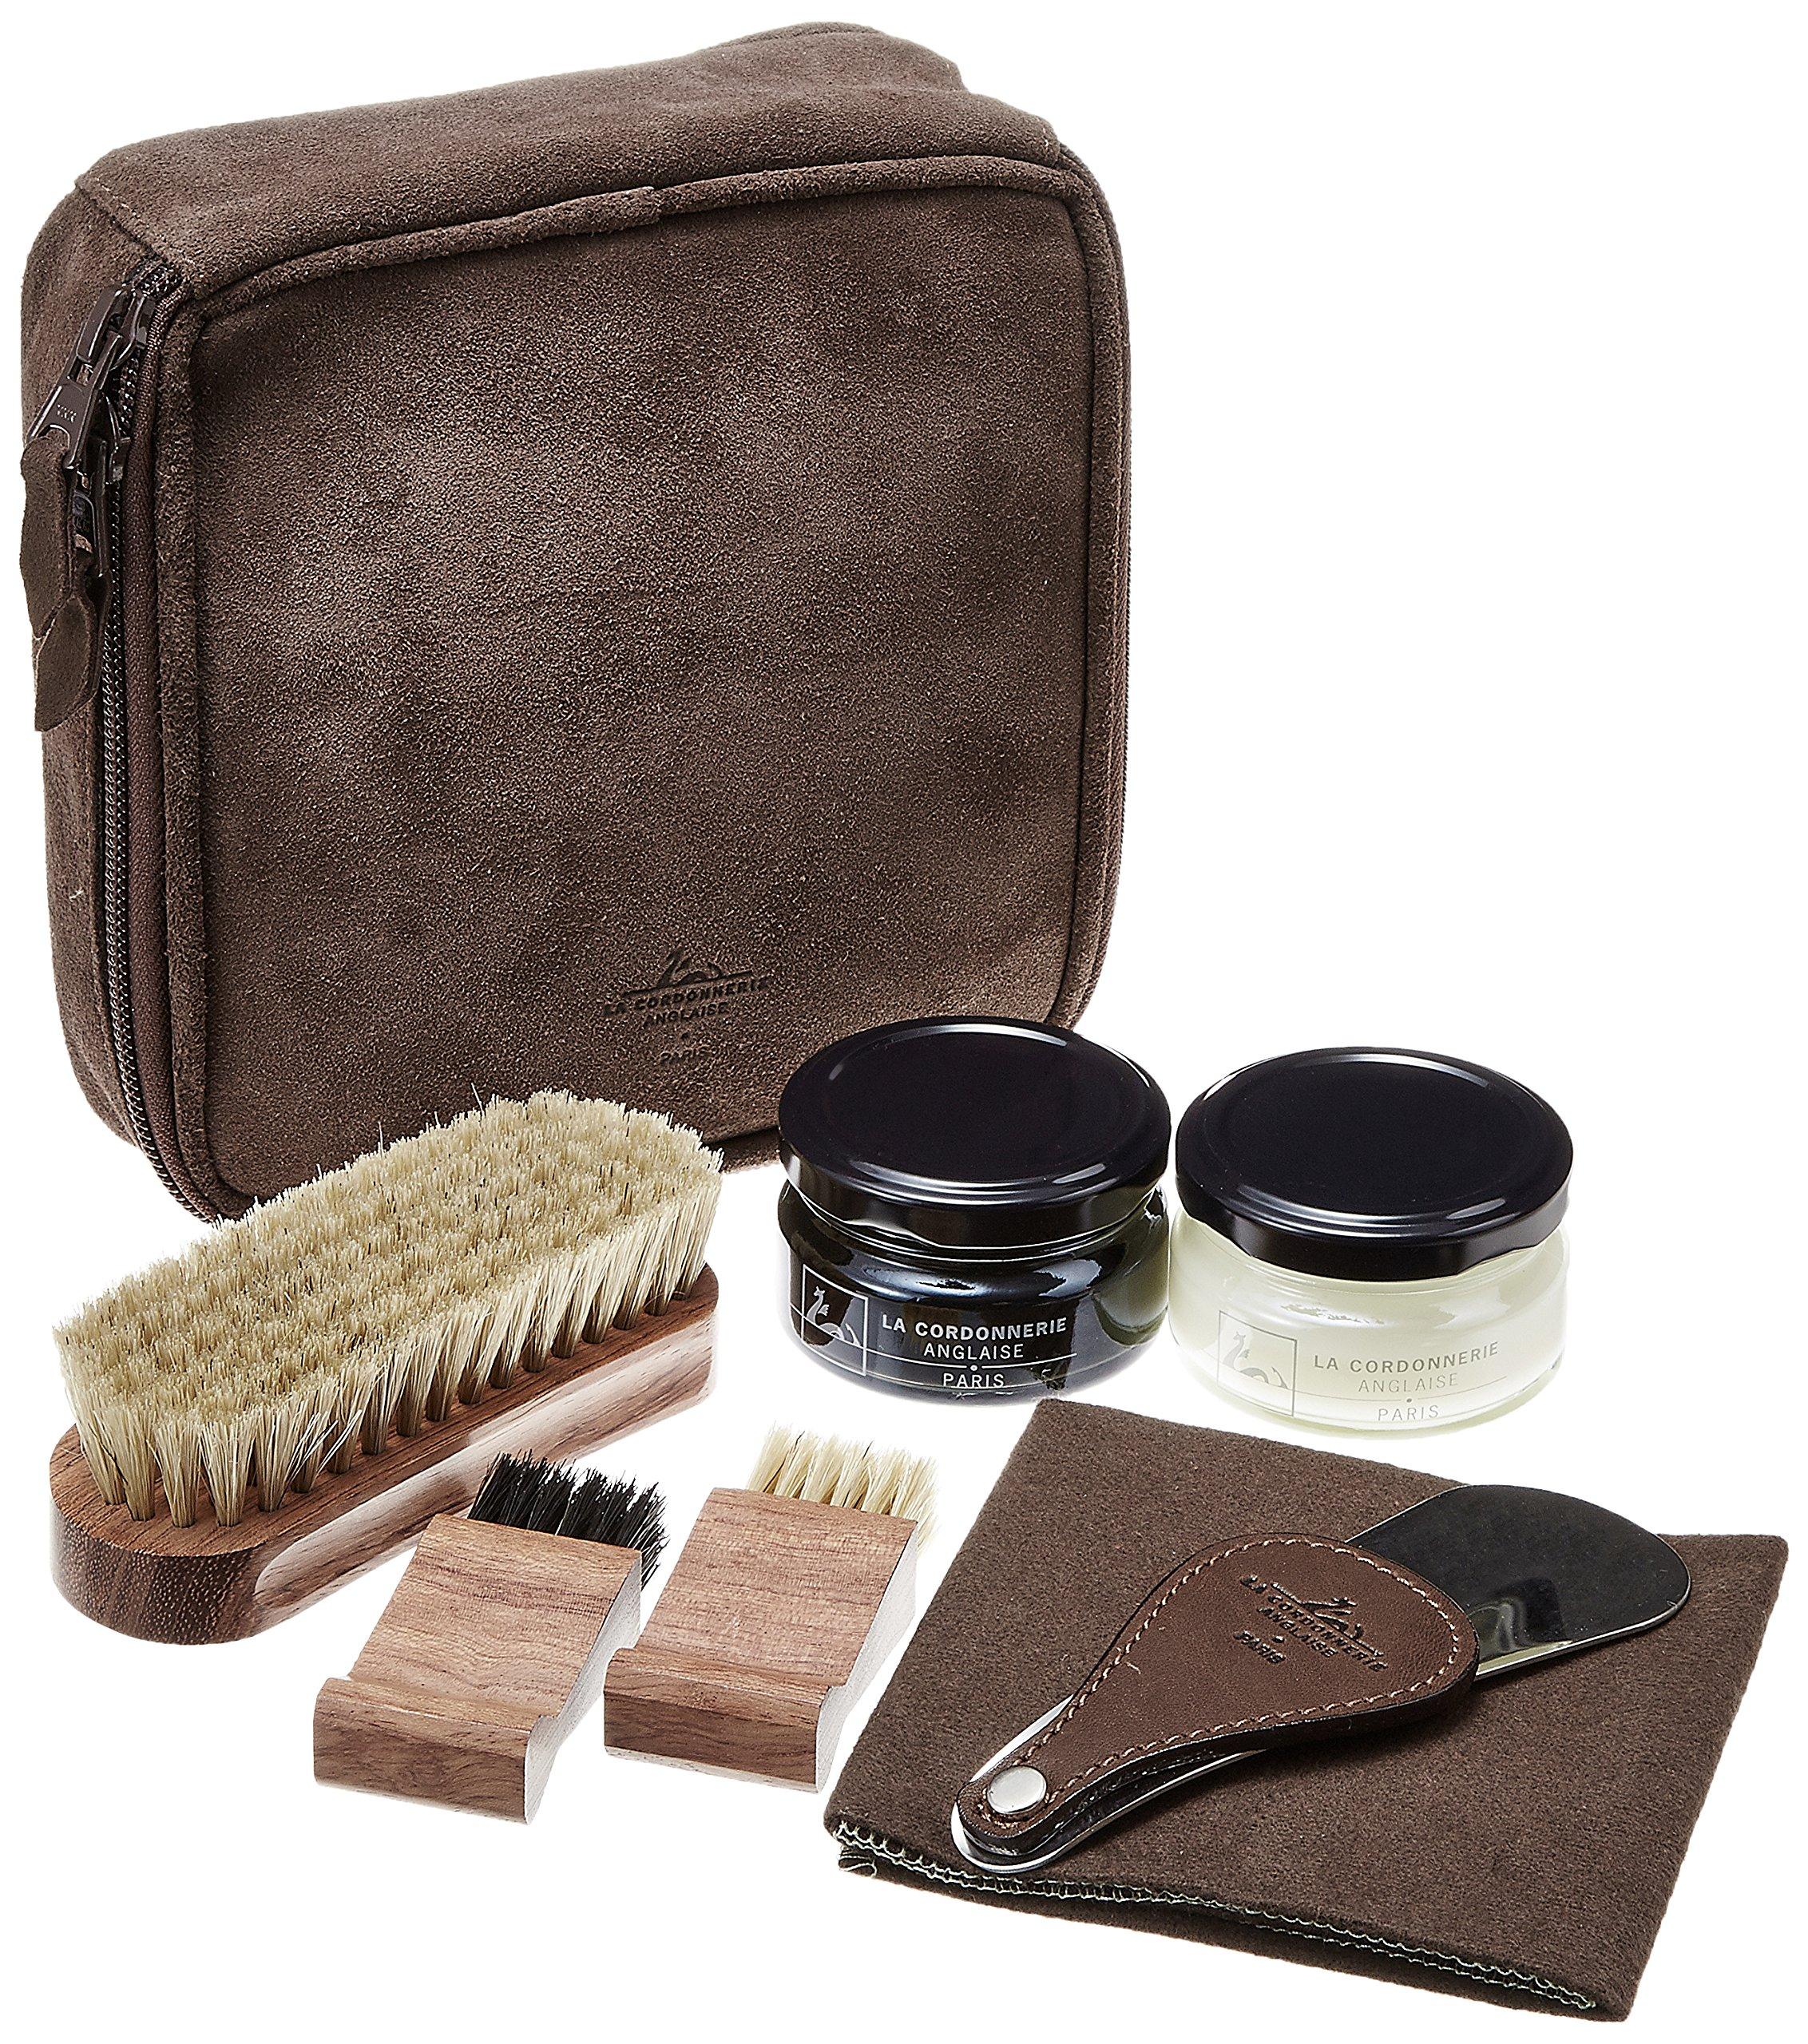 La Cordonnerie Anglaise Shoe Care Kit - Luxury Travel Shoe Polishing Set by by La Cordonnerie Anglaise